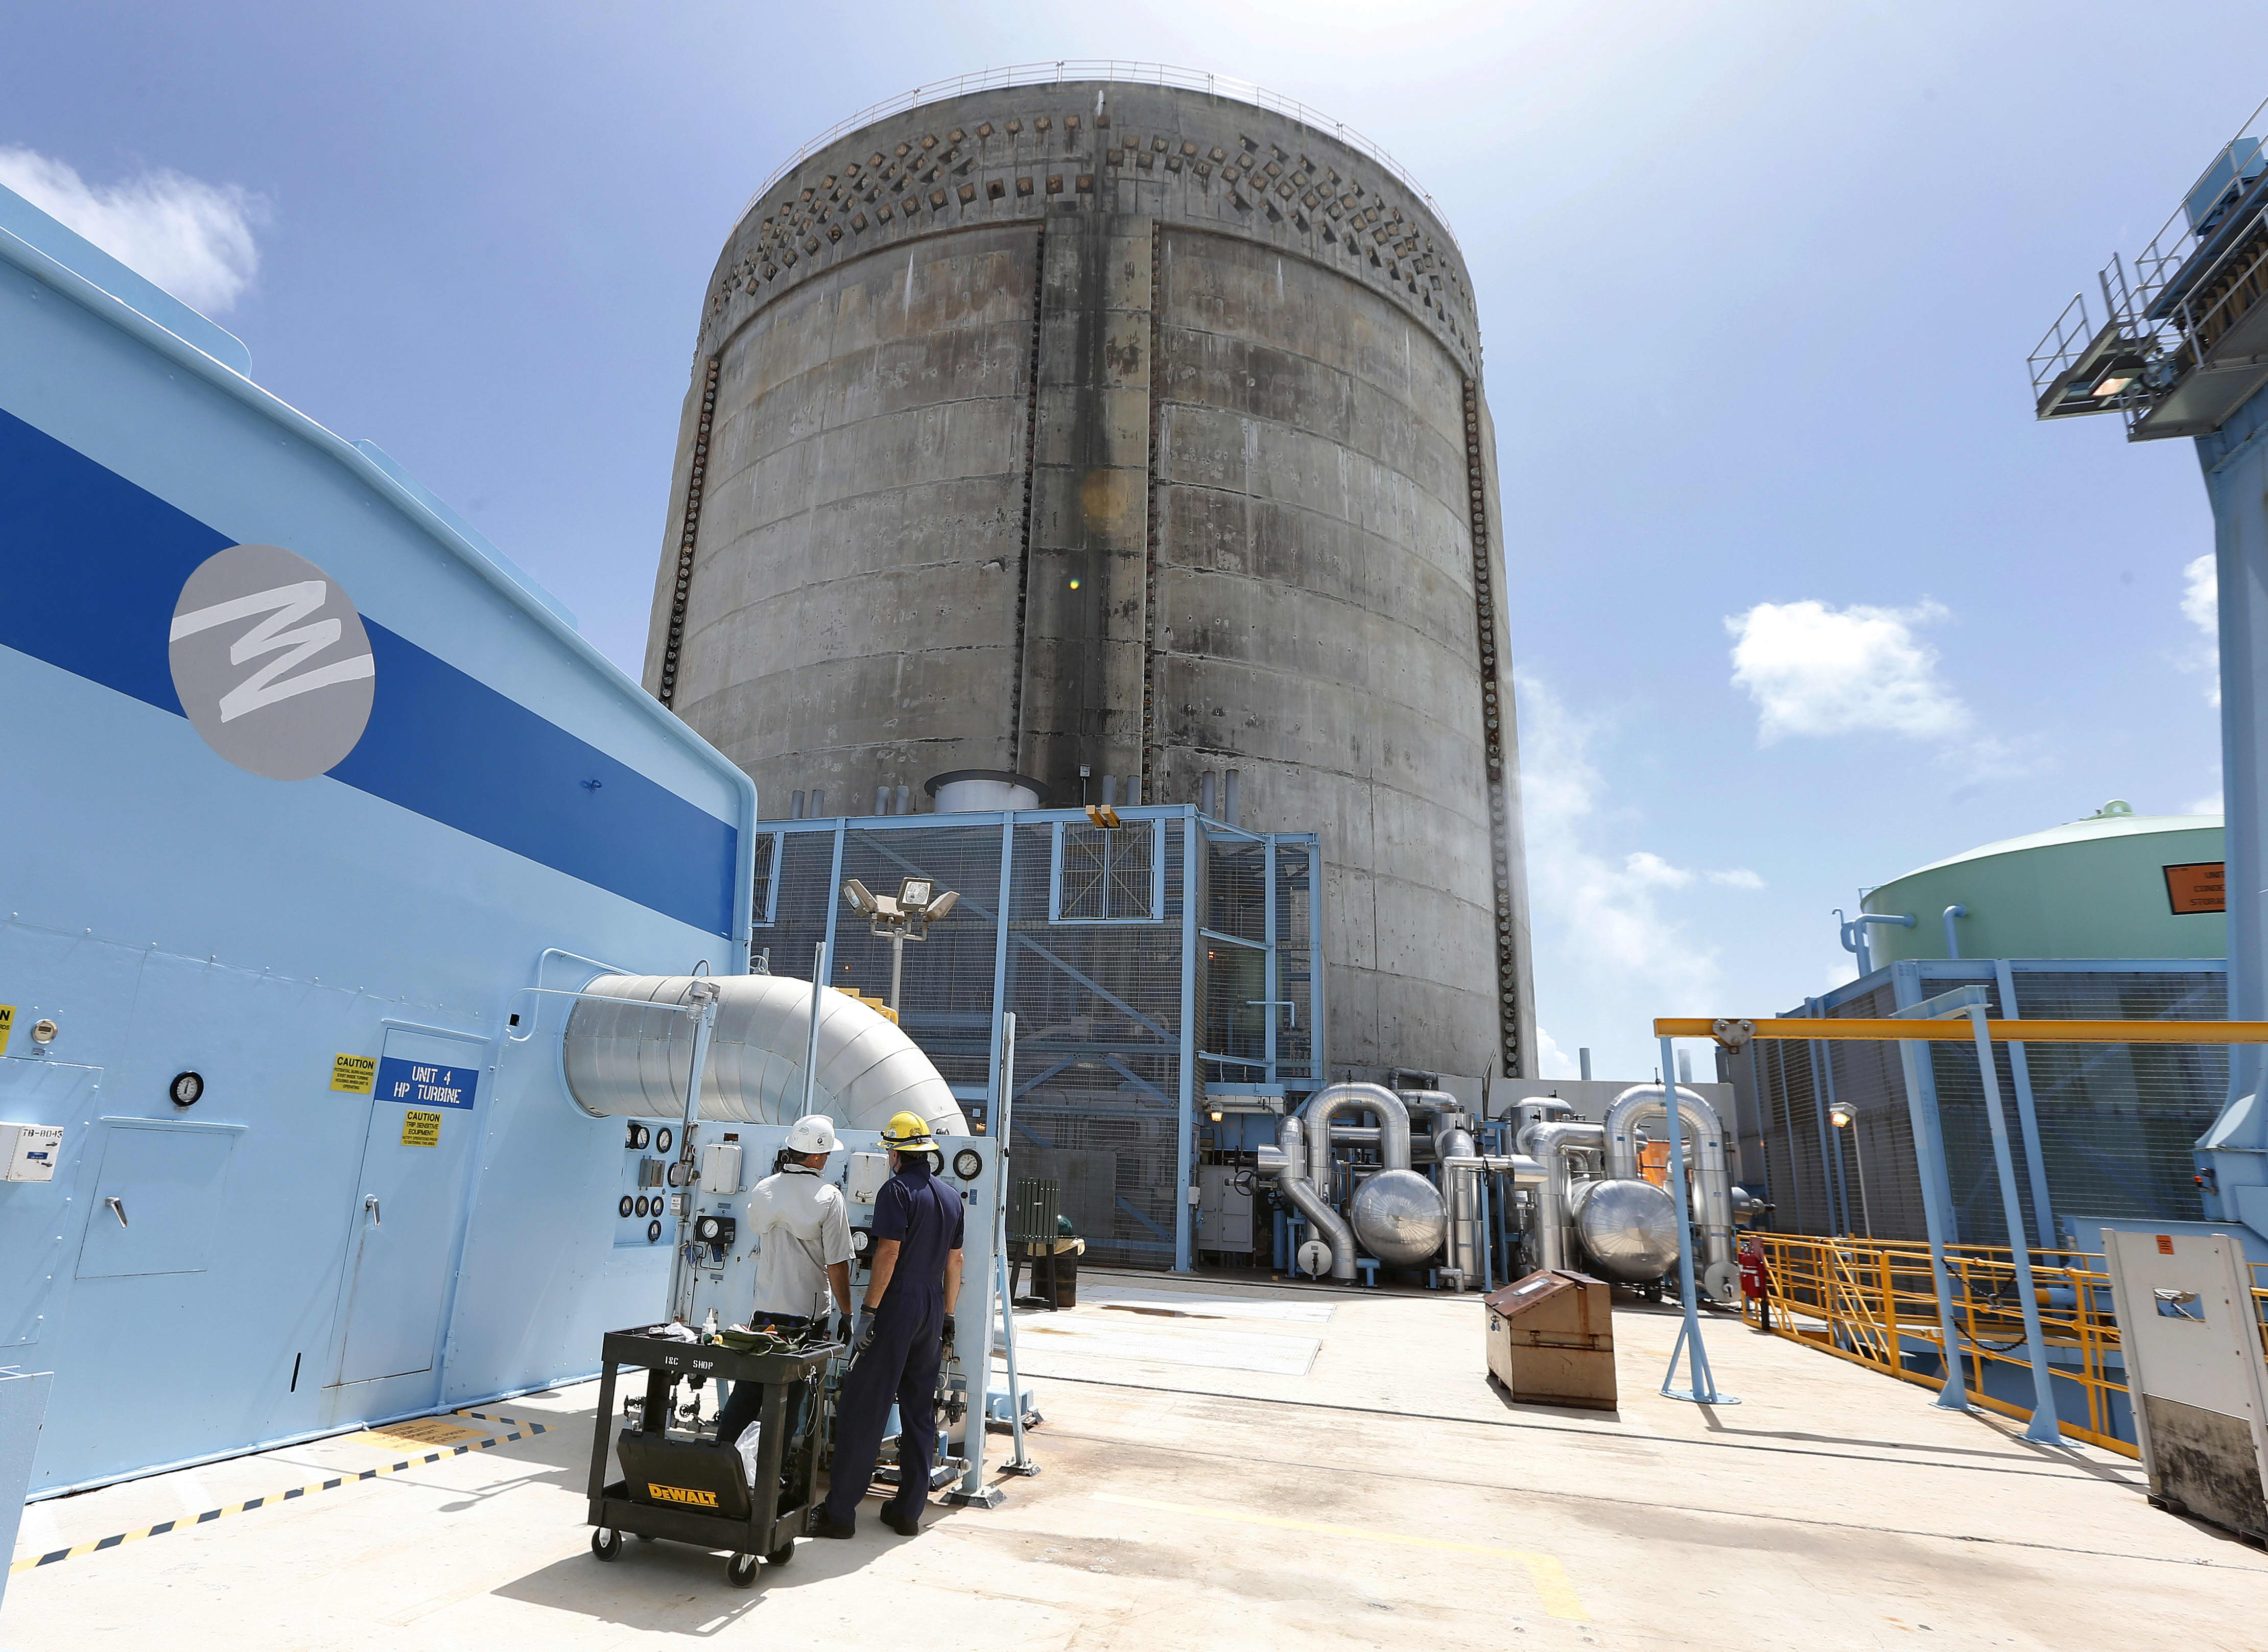 Lò phản ứng Hạt nhân Turkey Point ở Homestead, Florida ngày 18 tháng 5 năm 2017. Rhona Wise | AFP | Getty Images